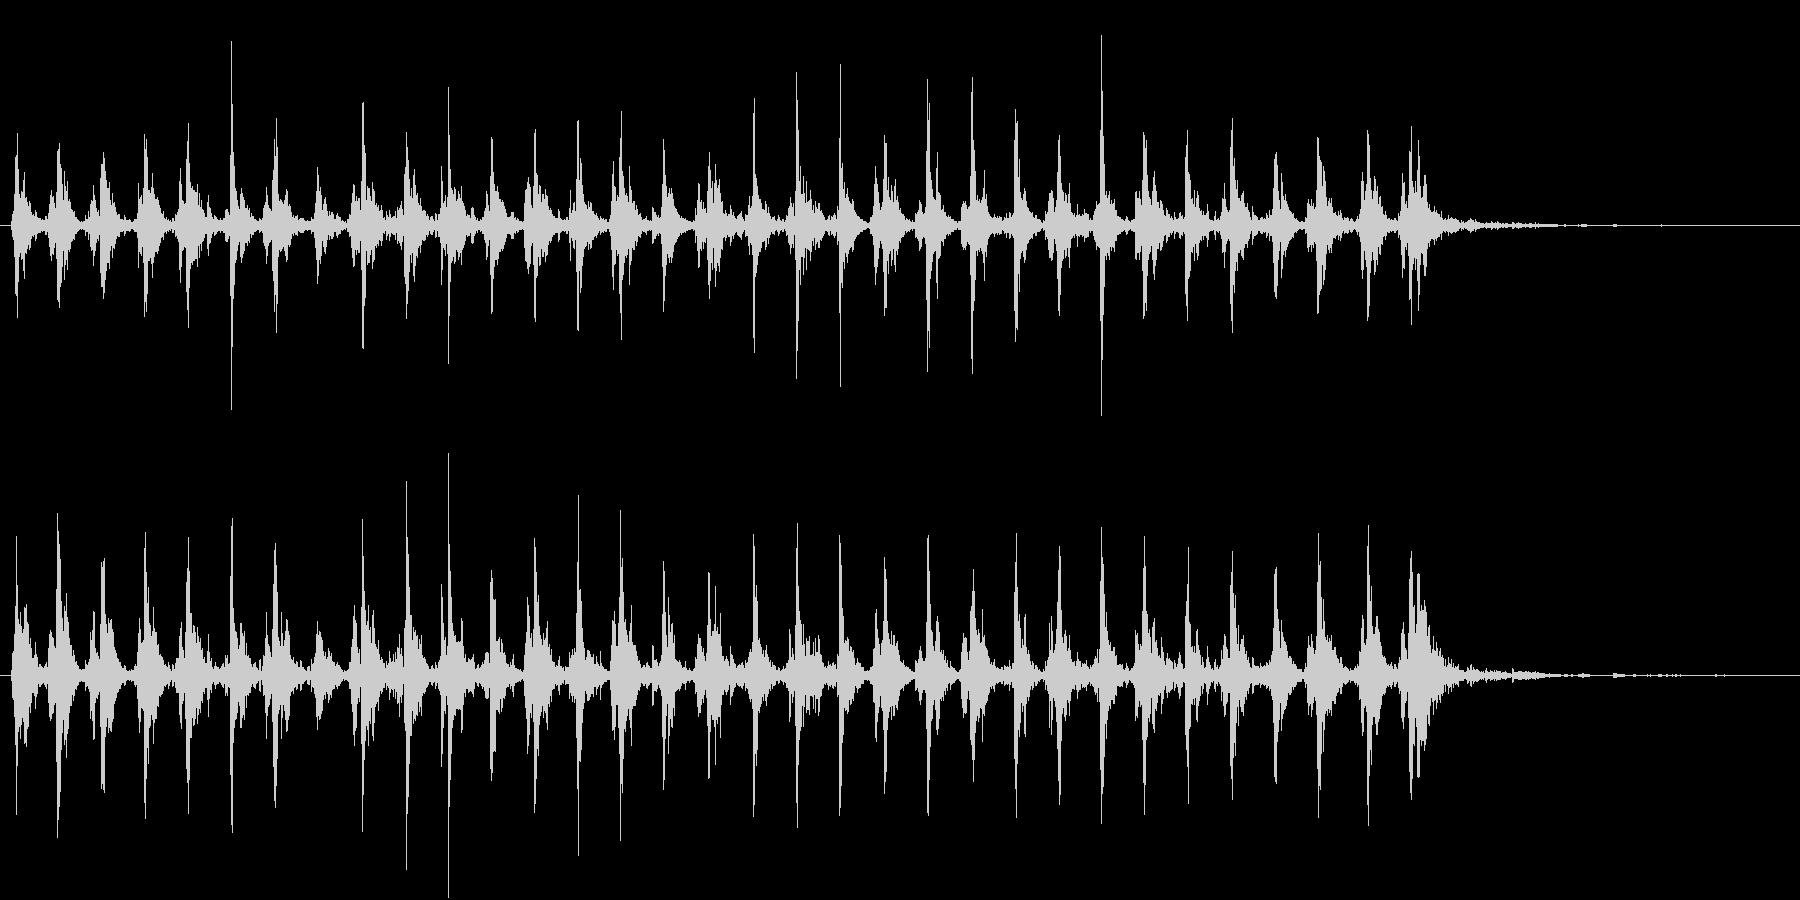 Xmasに最適トナカイベルのループ音08の未再生の波形